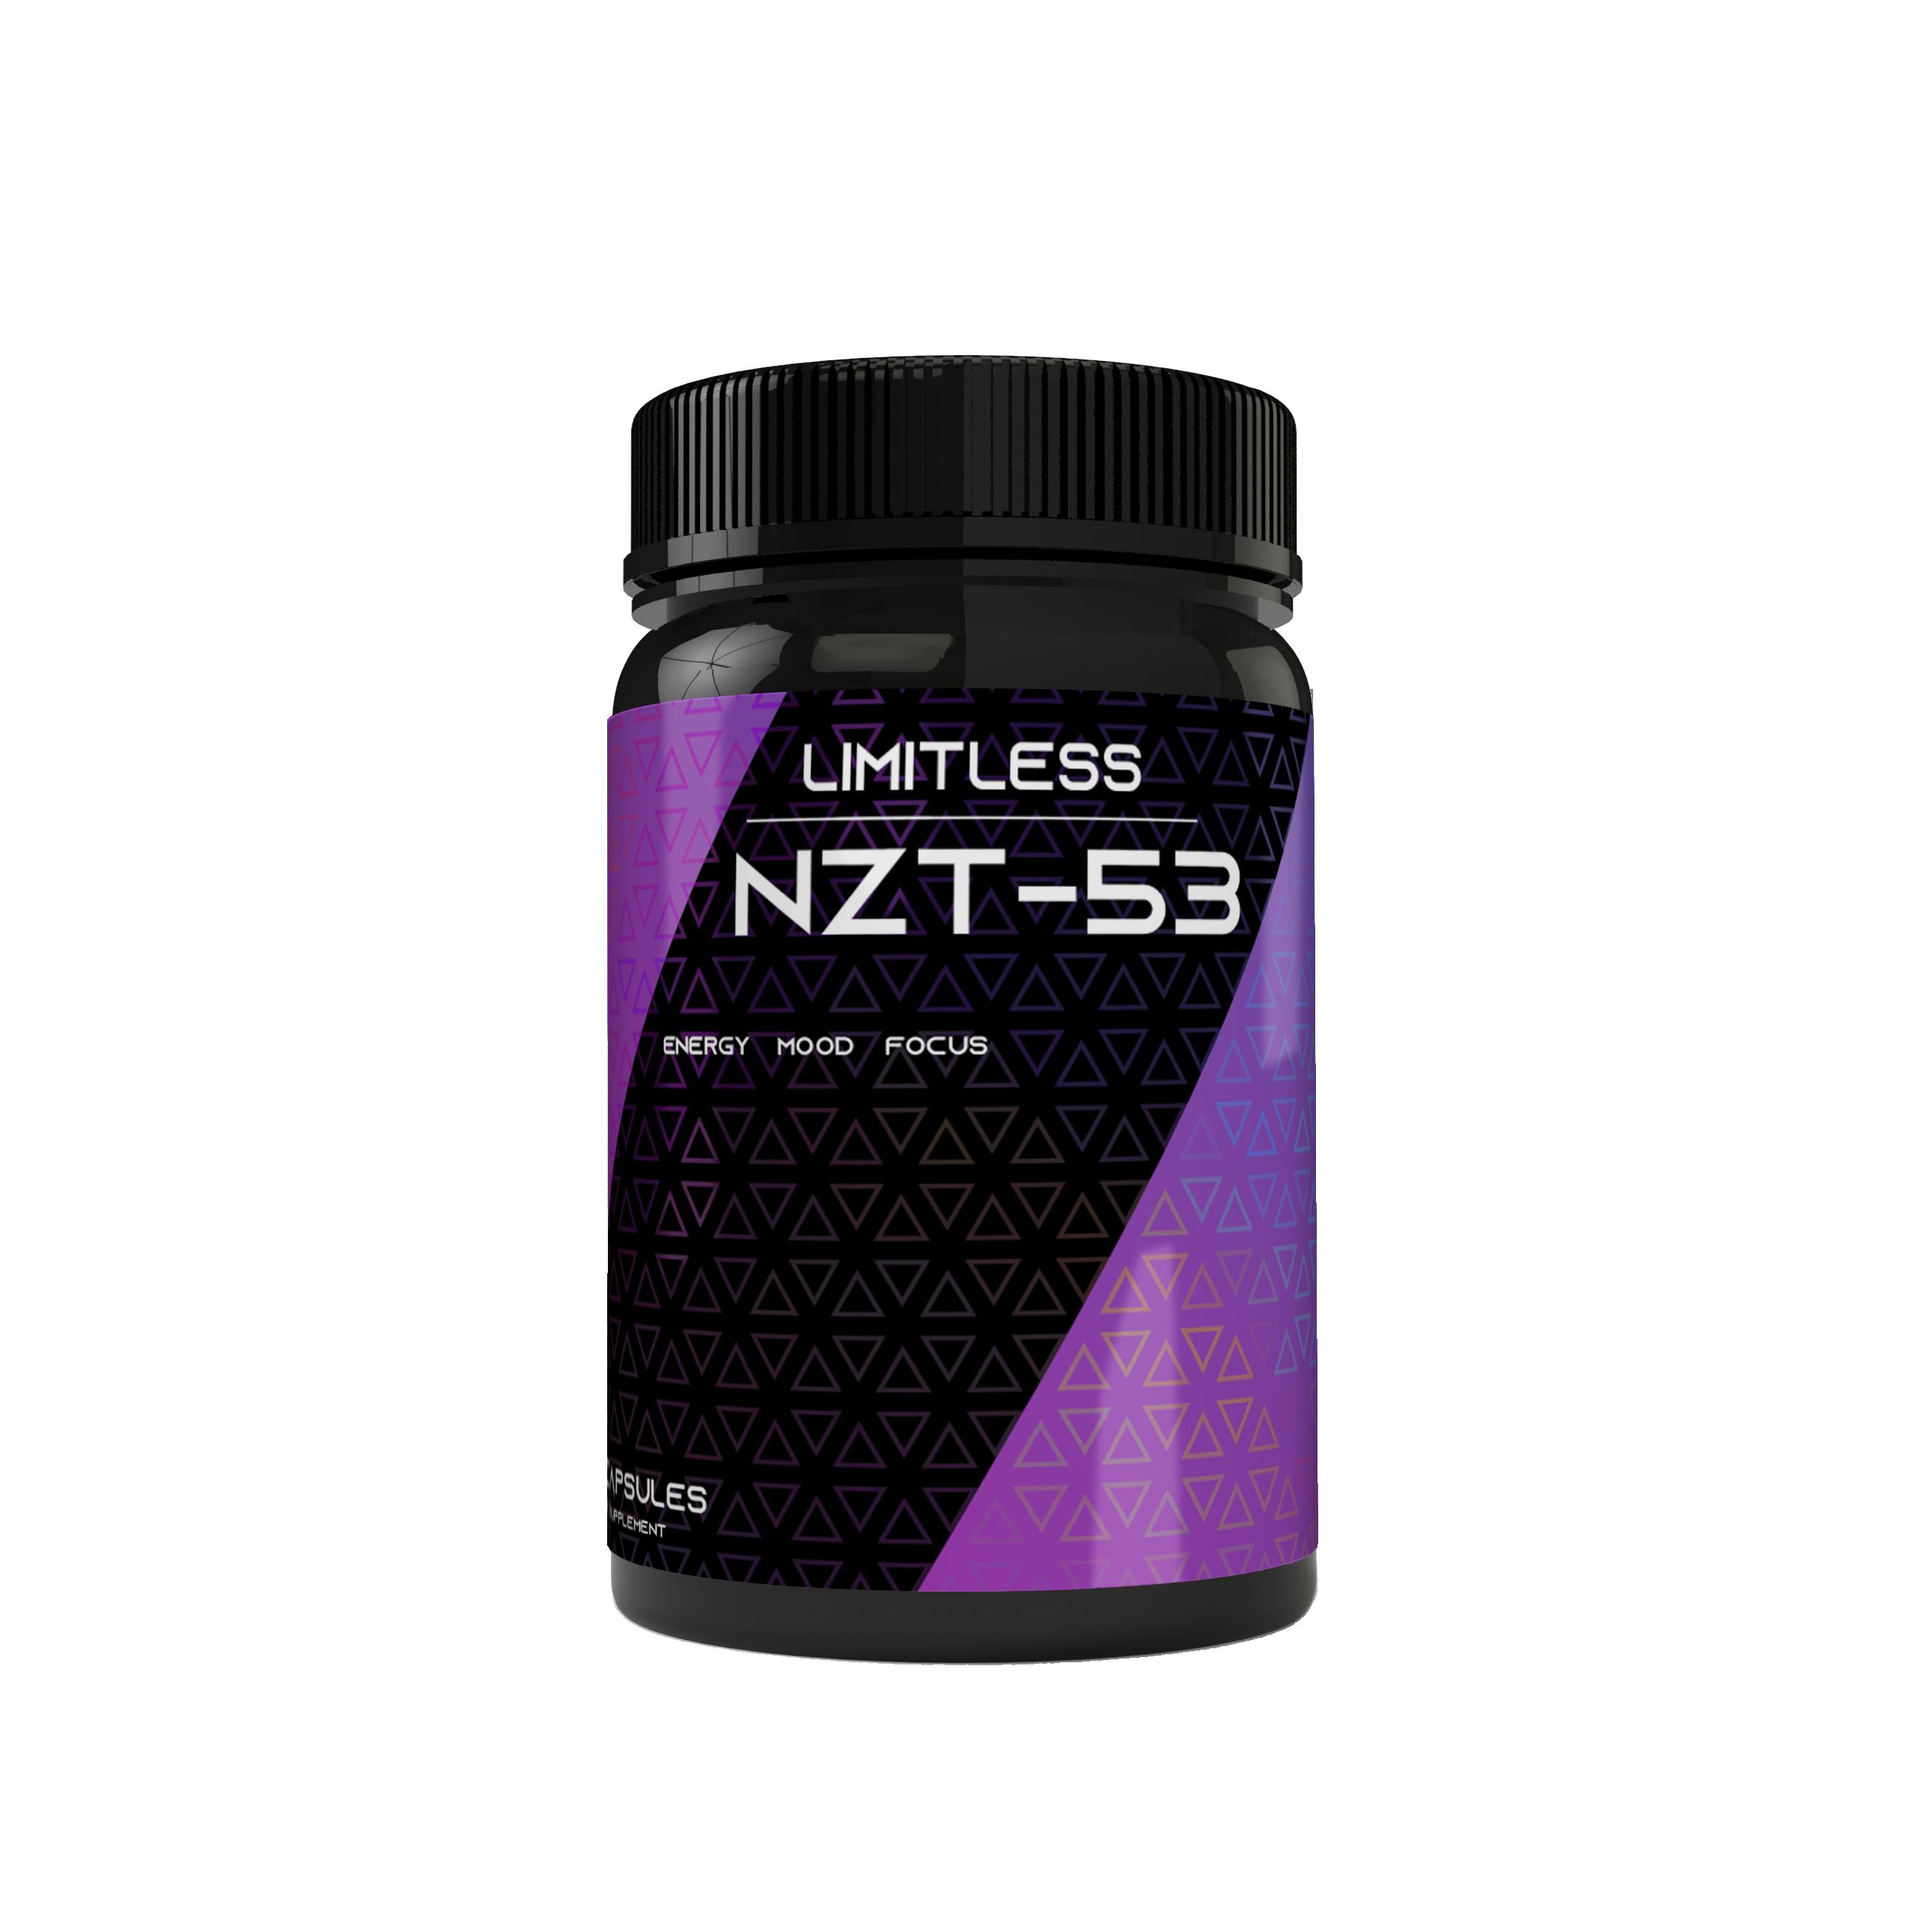 NZT-53